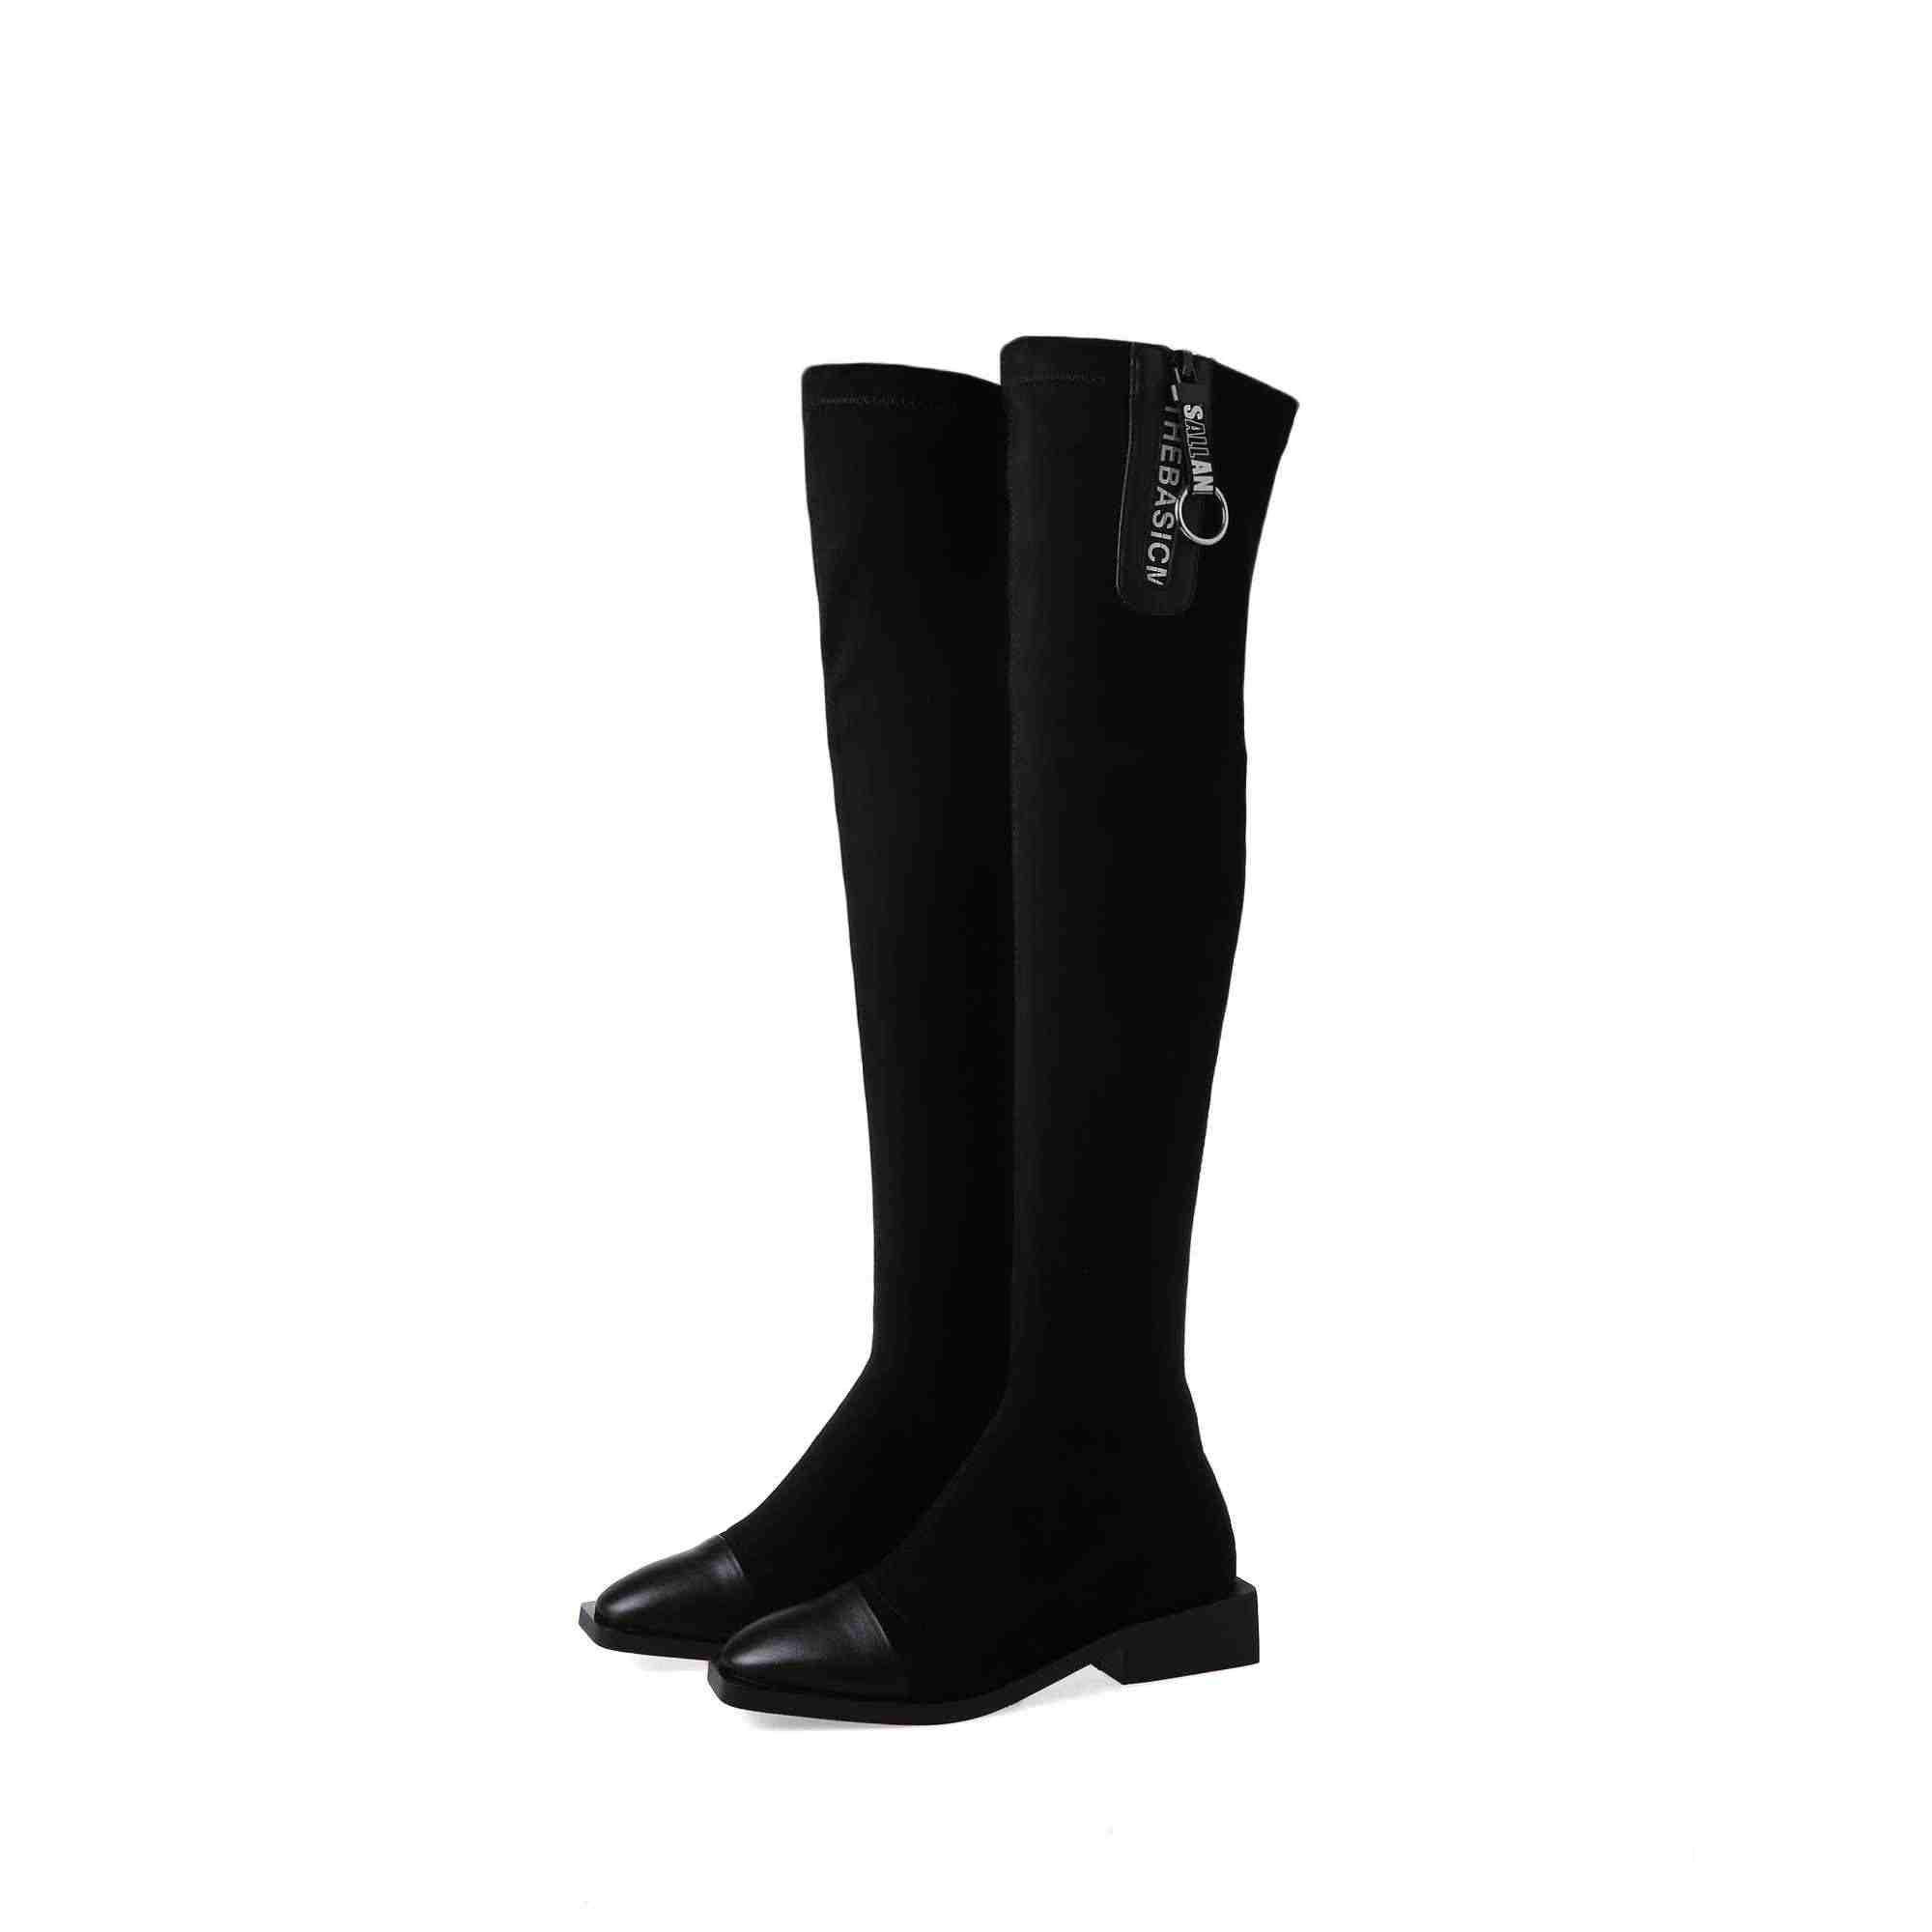 Krazing Nồi nóng phổ biến màu đen da bò co giãn Vuông Mũi Med gót khóa kéo giữ ấm mùa đông nữ trên- -Đầu gối Giày L71